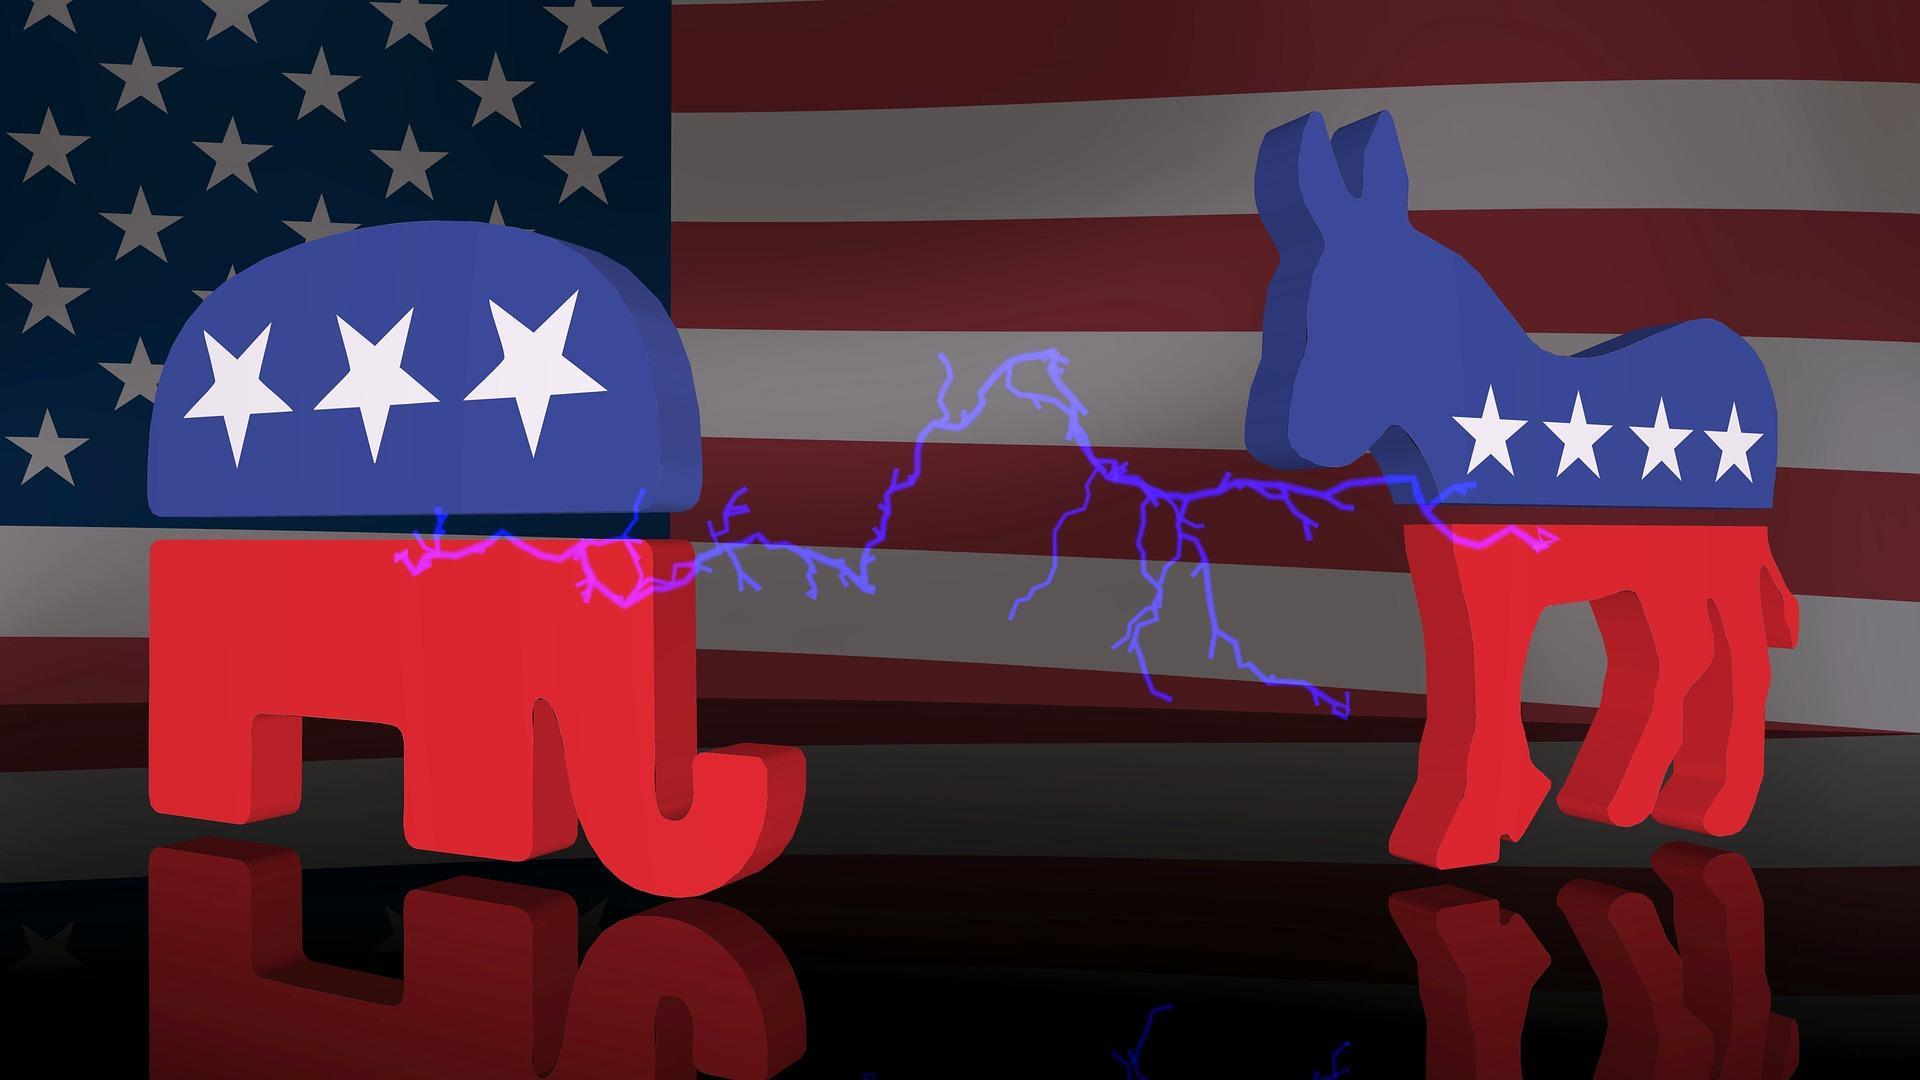 símbolos dos partidos americanos nas cores azul e vermelho, conforme bandeira. À esquerda, o elefante e à direita, o cavalo.